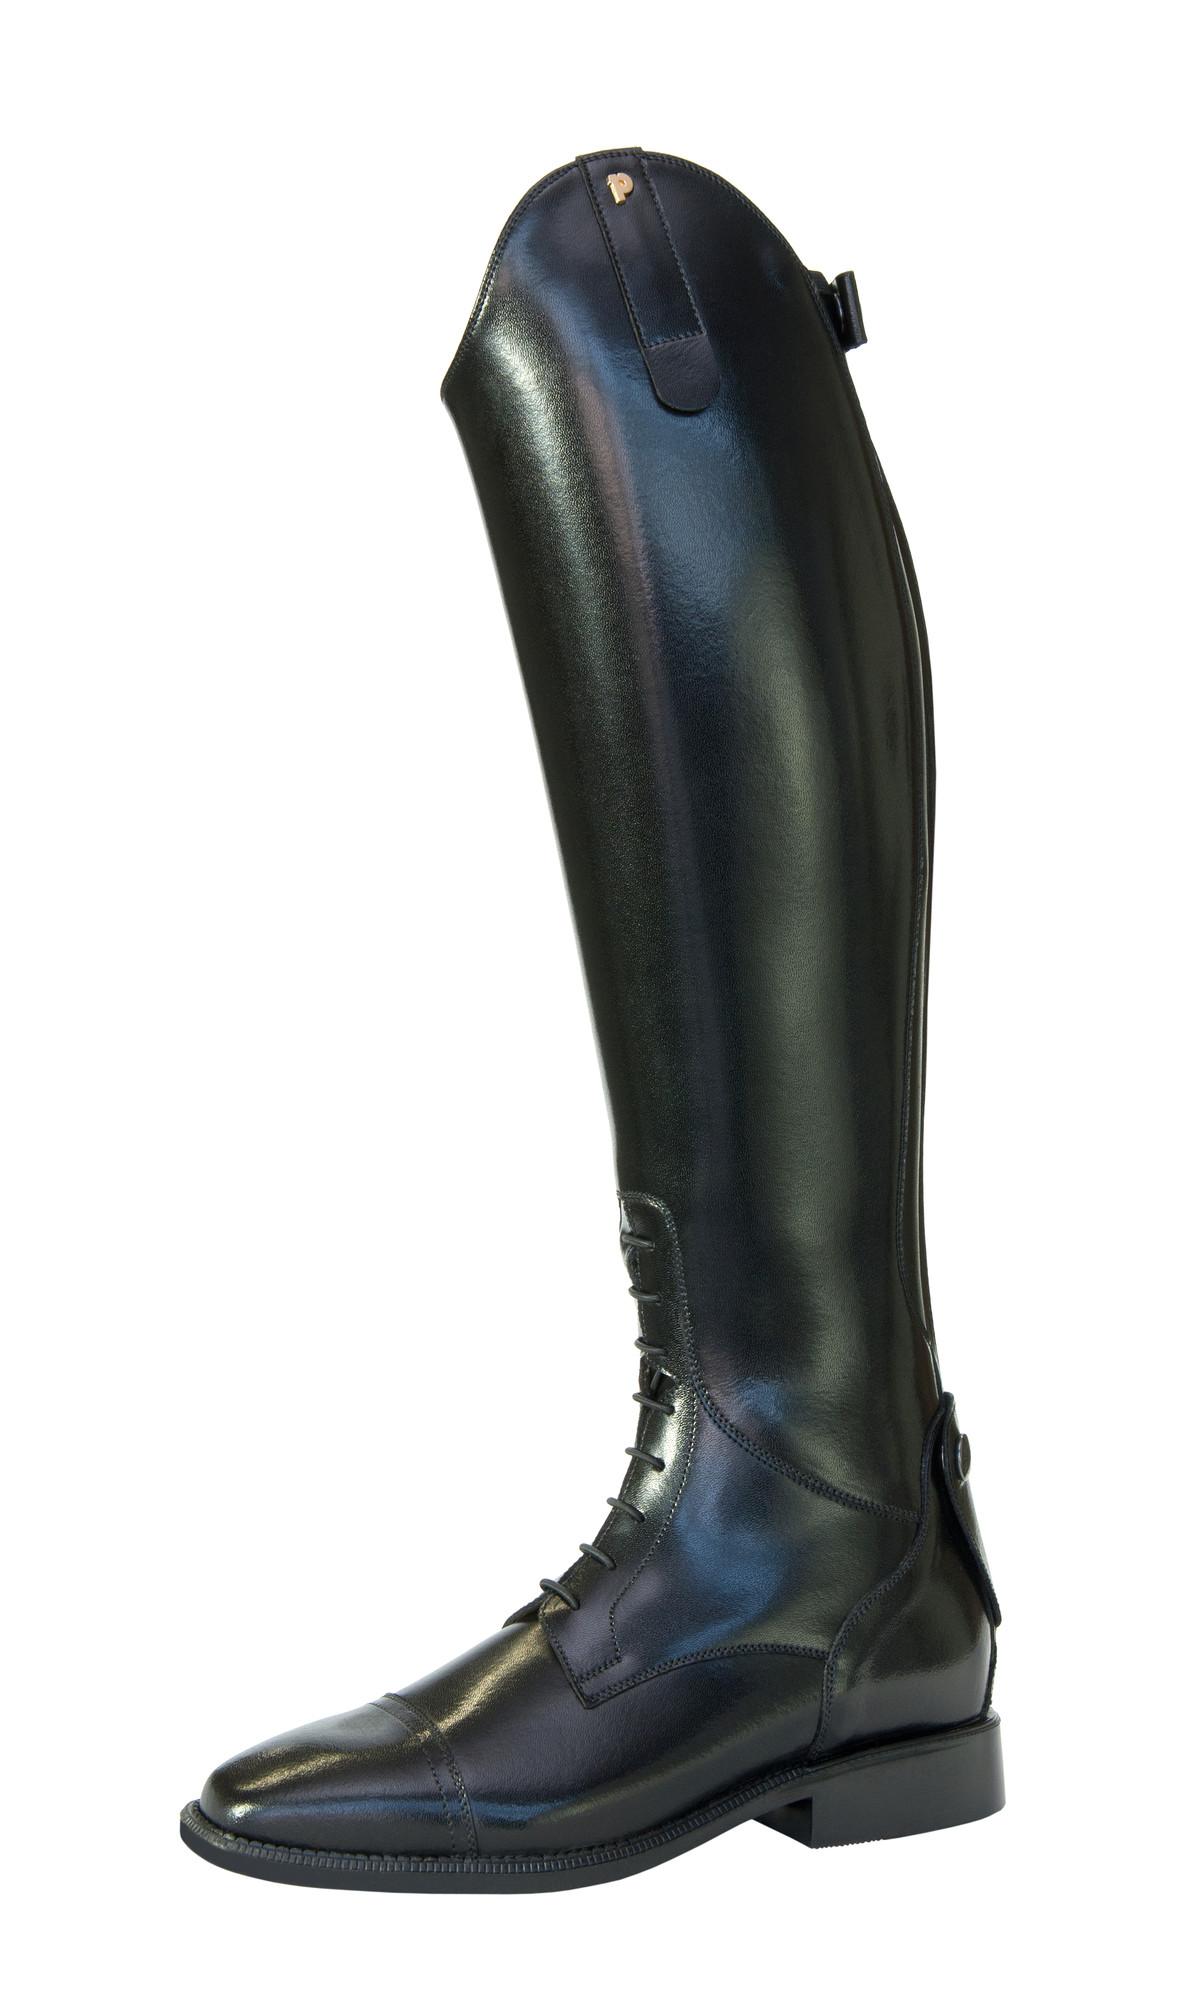 Petrie Melbourne rijlaars zwart maat:5,5 xw